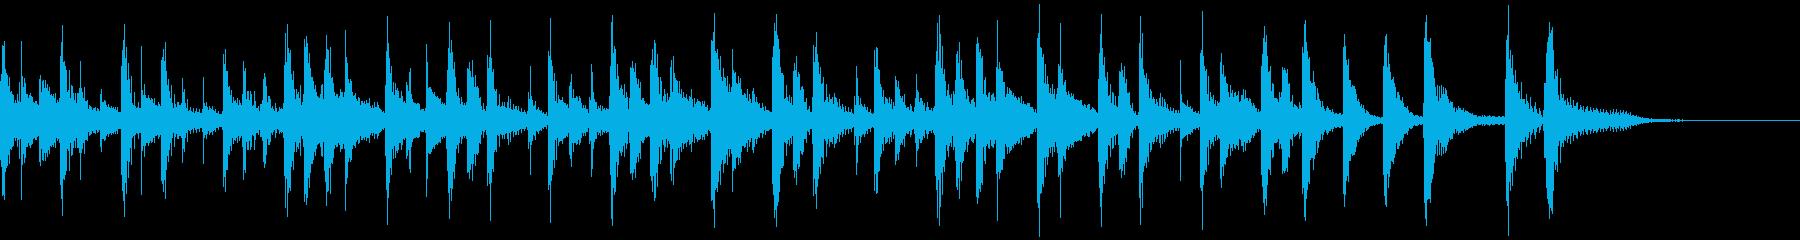 コンサルサ、スローテンポ、ピアノなしの再生済みの波形